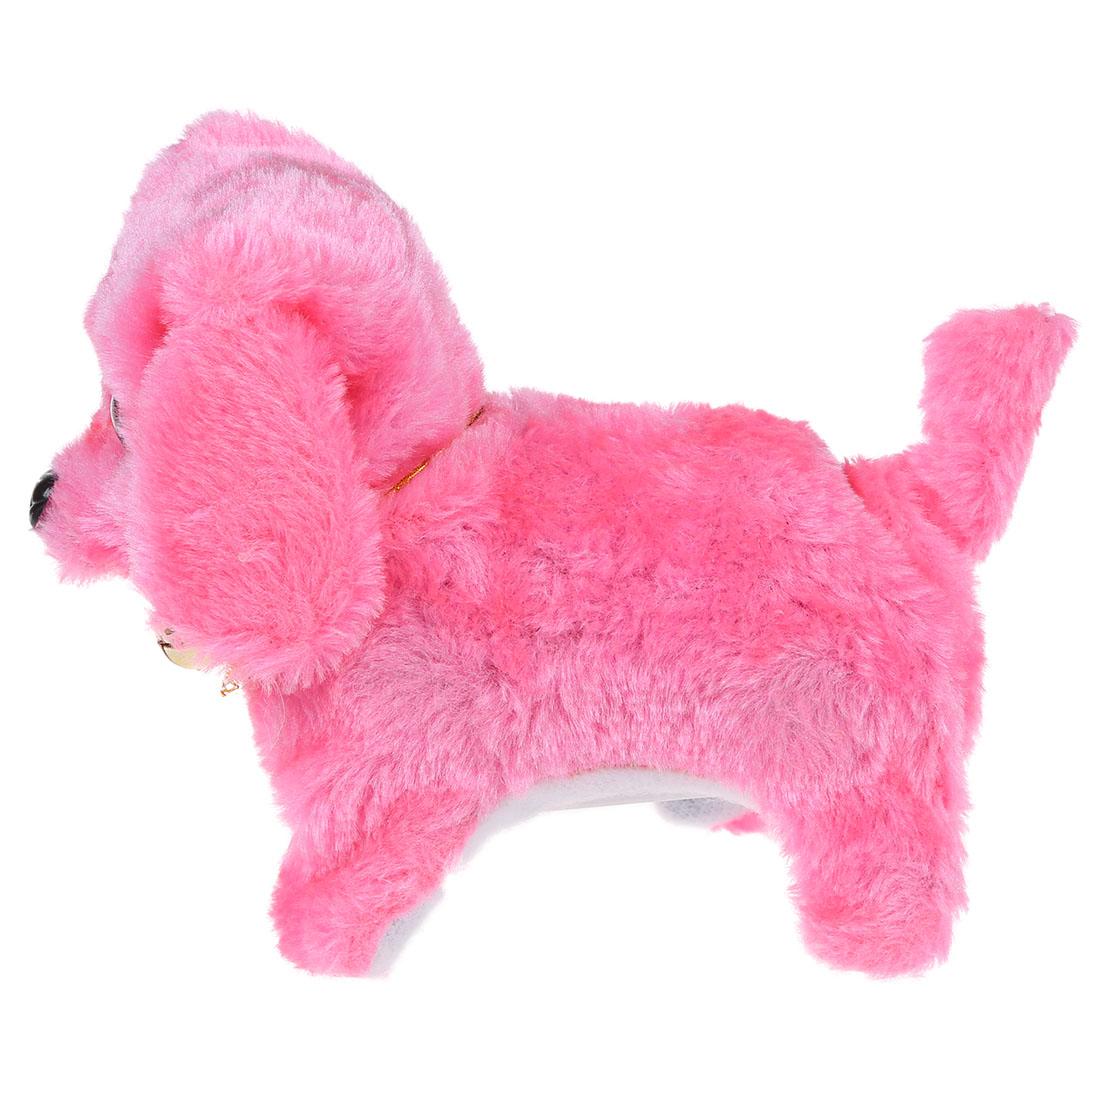 Pink Dog Toy : Pink plush neck bell walking barking electronic dog toy